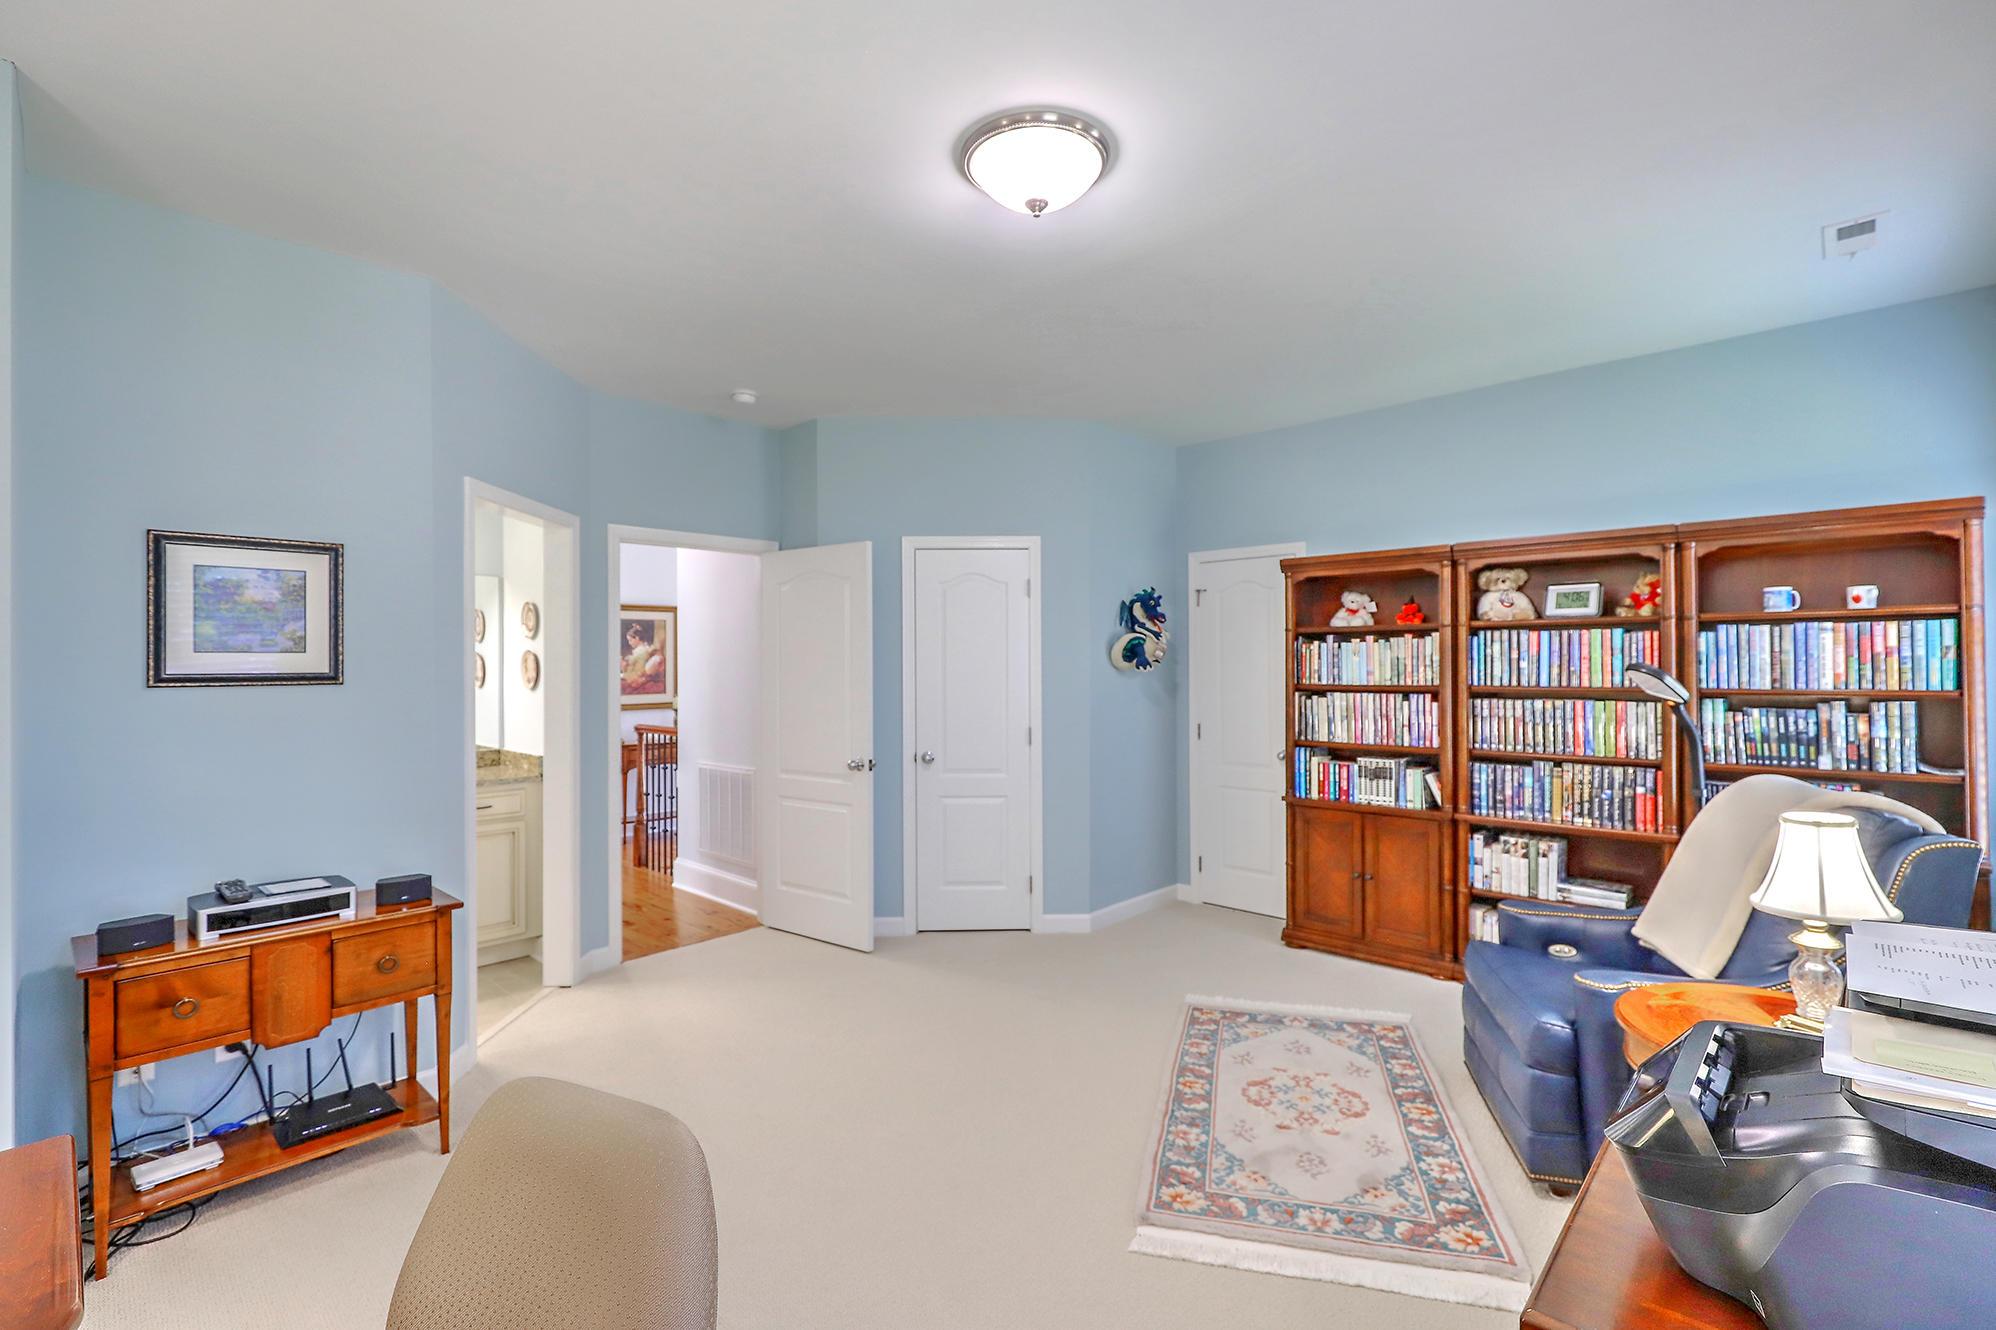 Park West Homes For Sale - 2108 Malcolm, Mount Pleasant, SC - 16